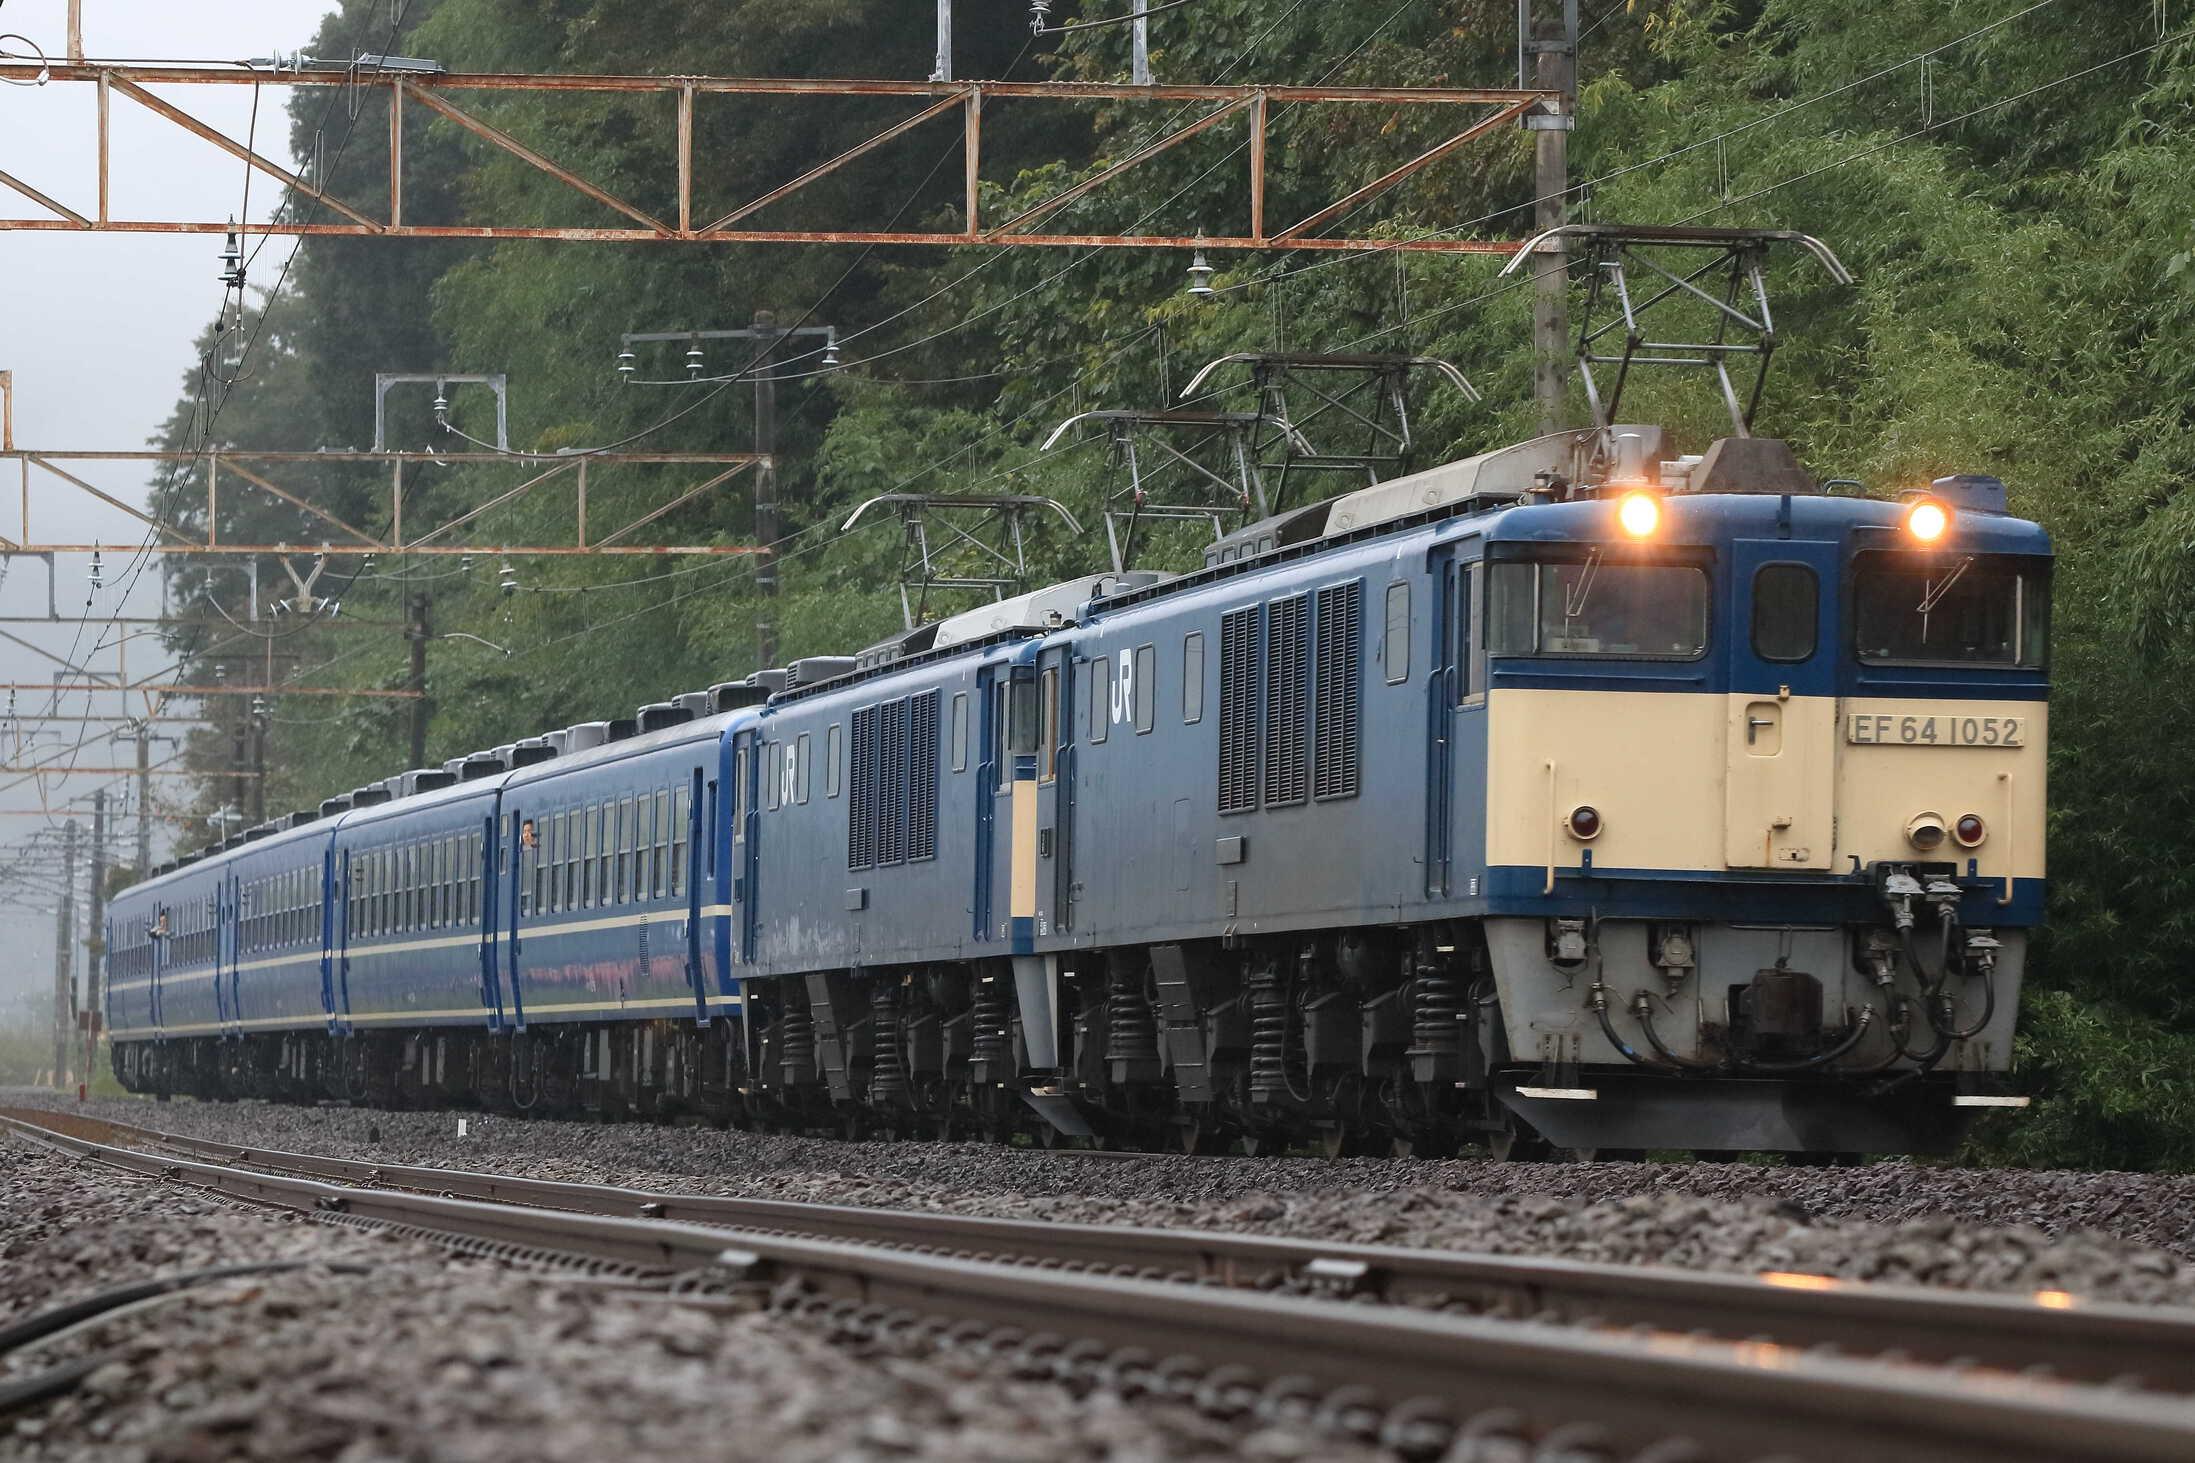 9732列車 ELみなかみ EF64-1052①[高]+EF64-1053①[高]+12系 高タカ車5両